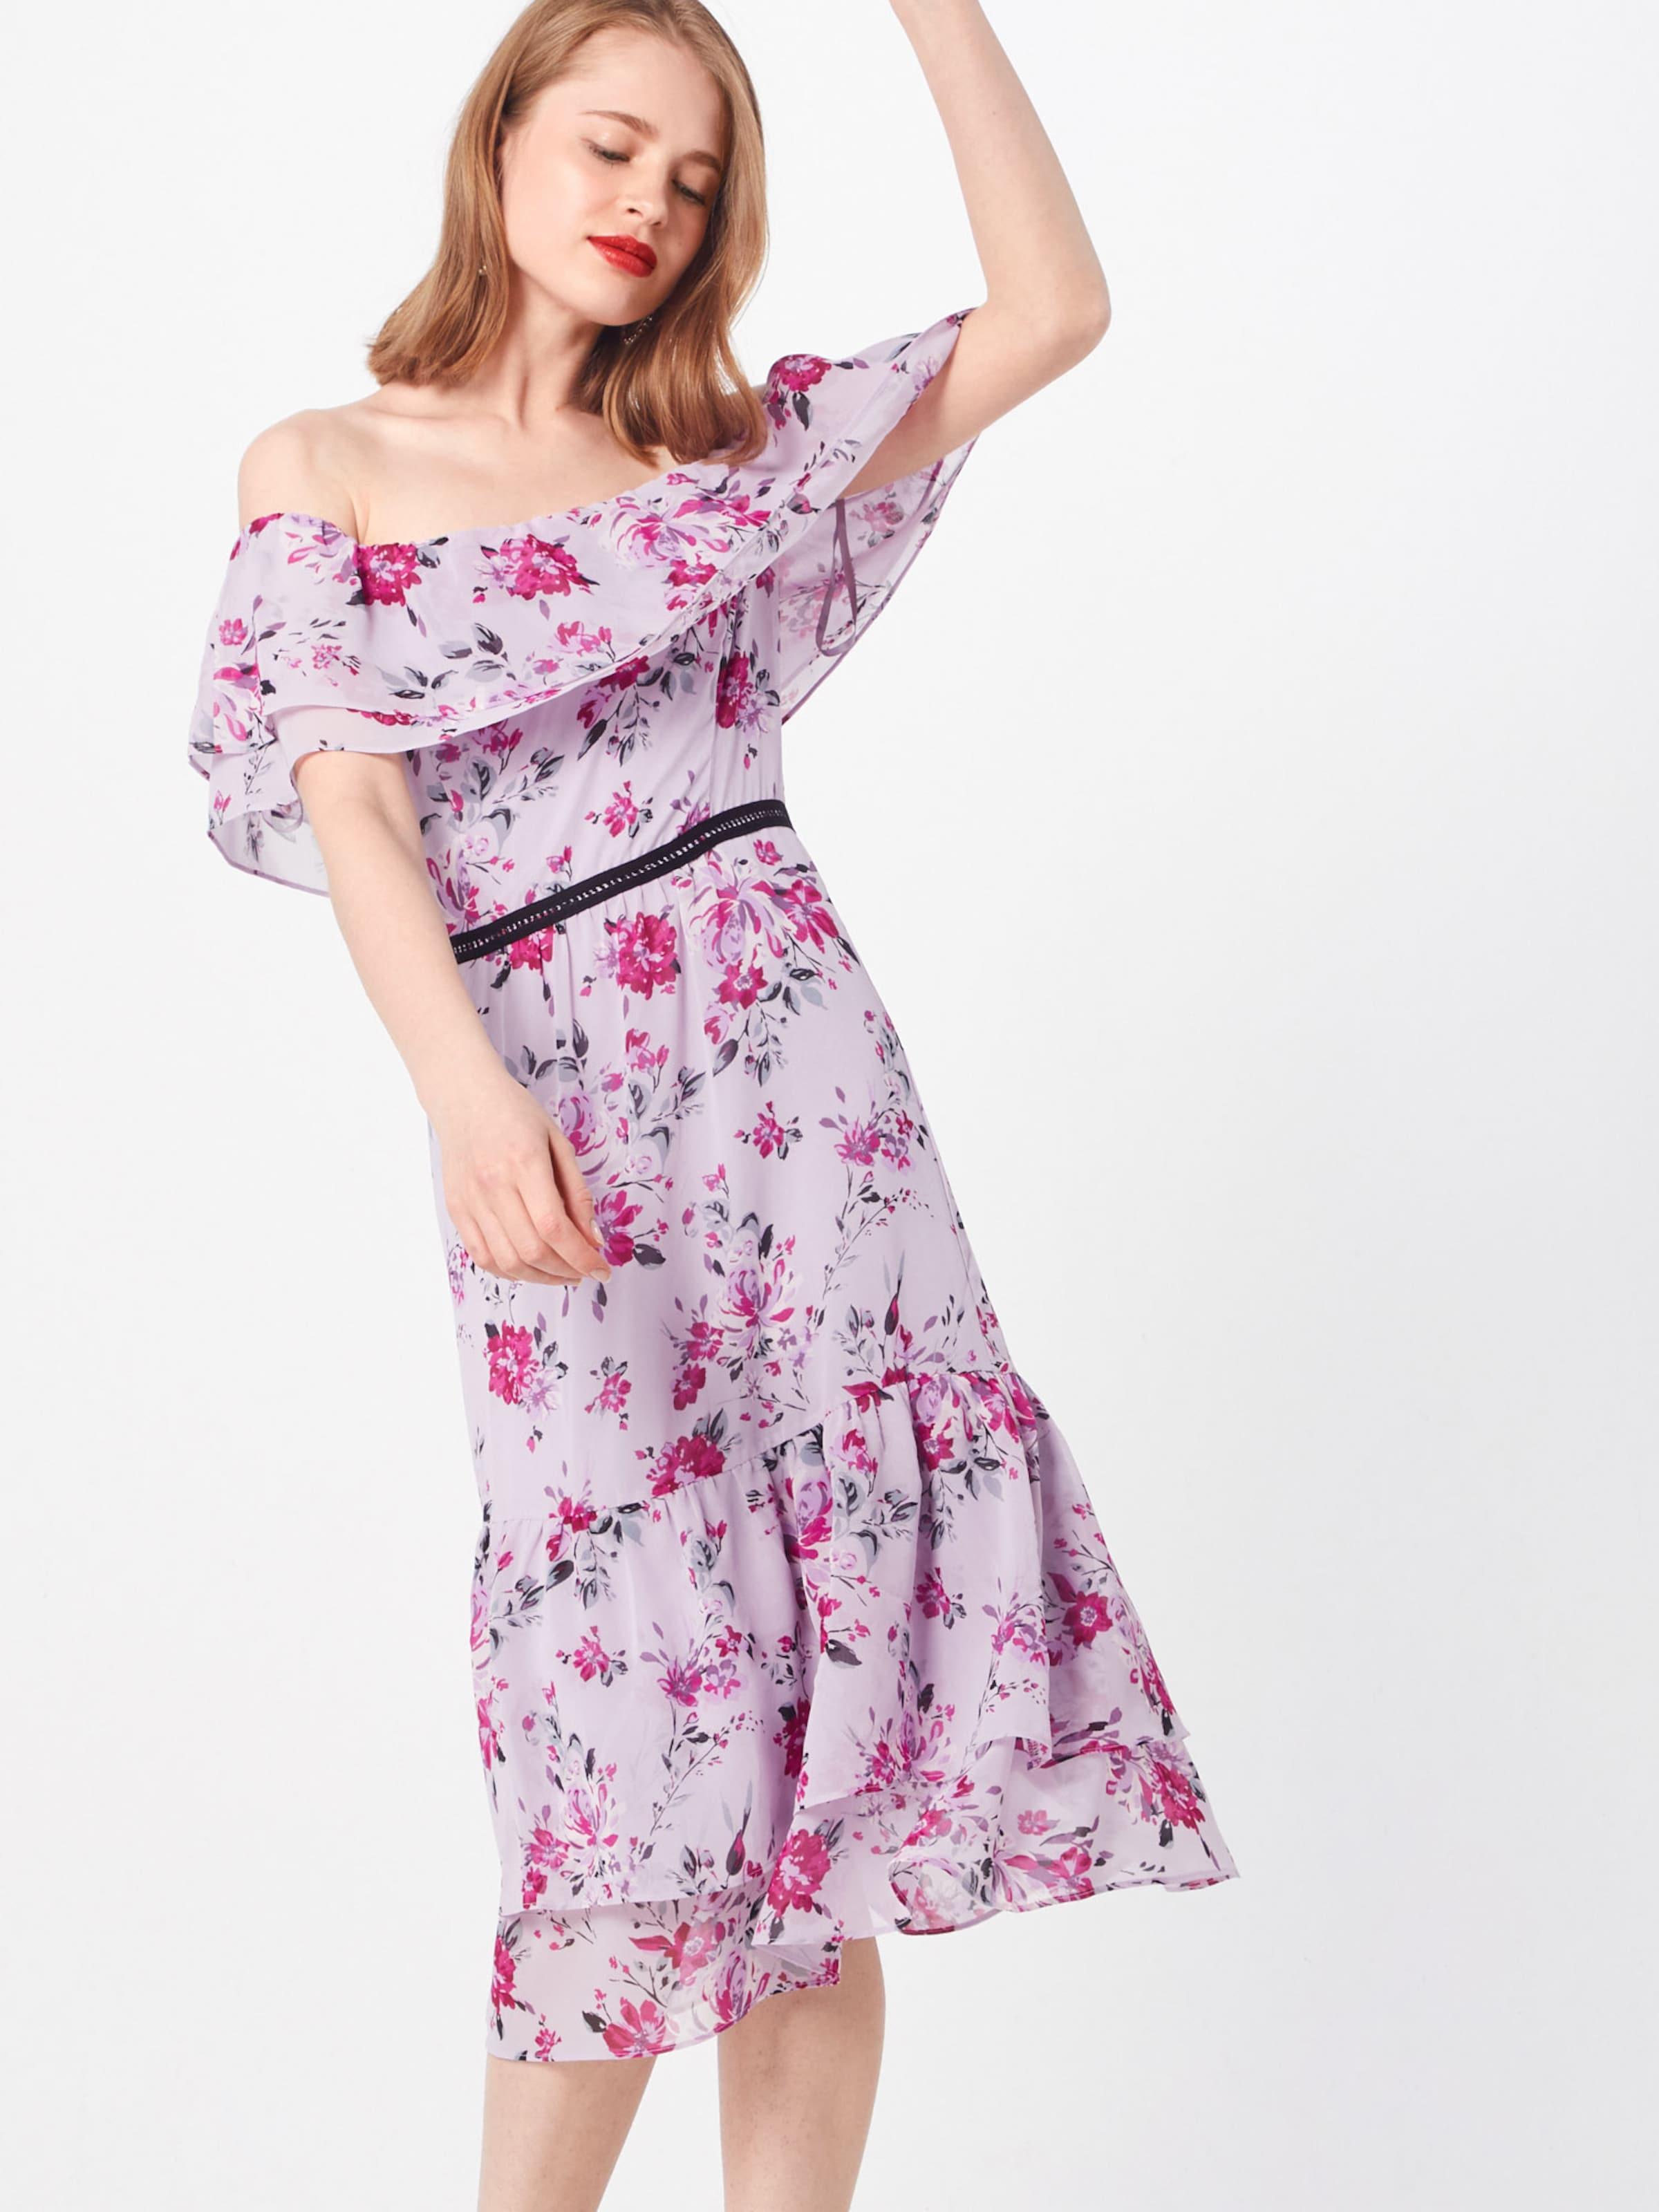 S Lavendel Label Kleid Black oliver In 5Aj43RL